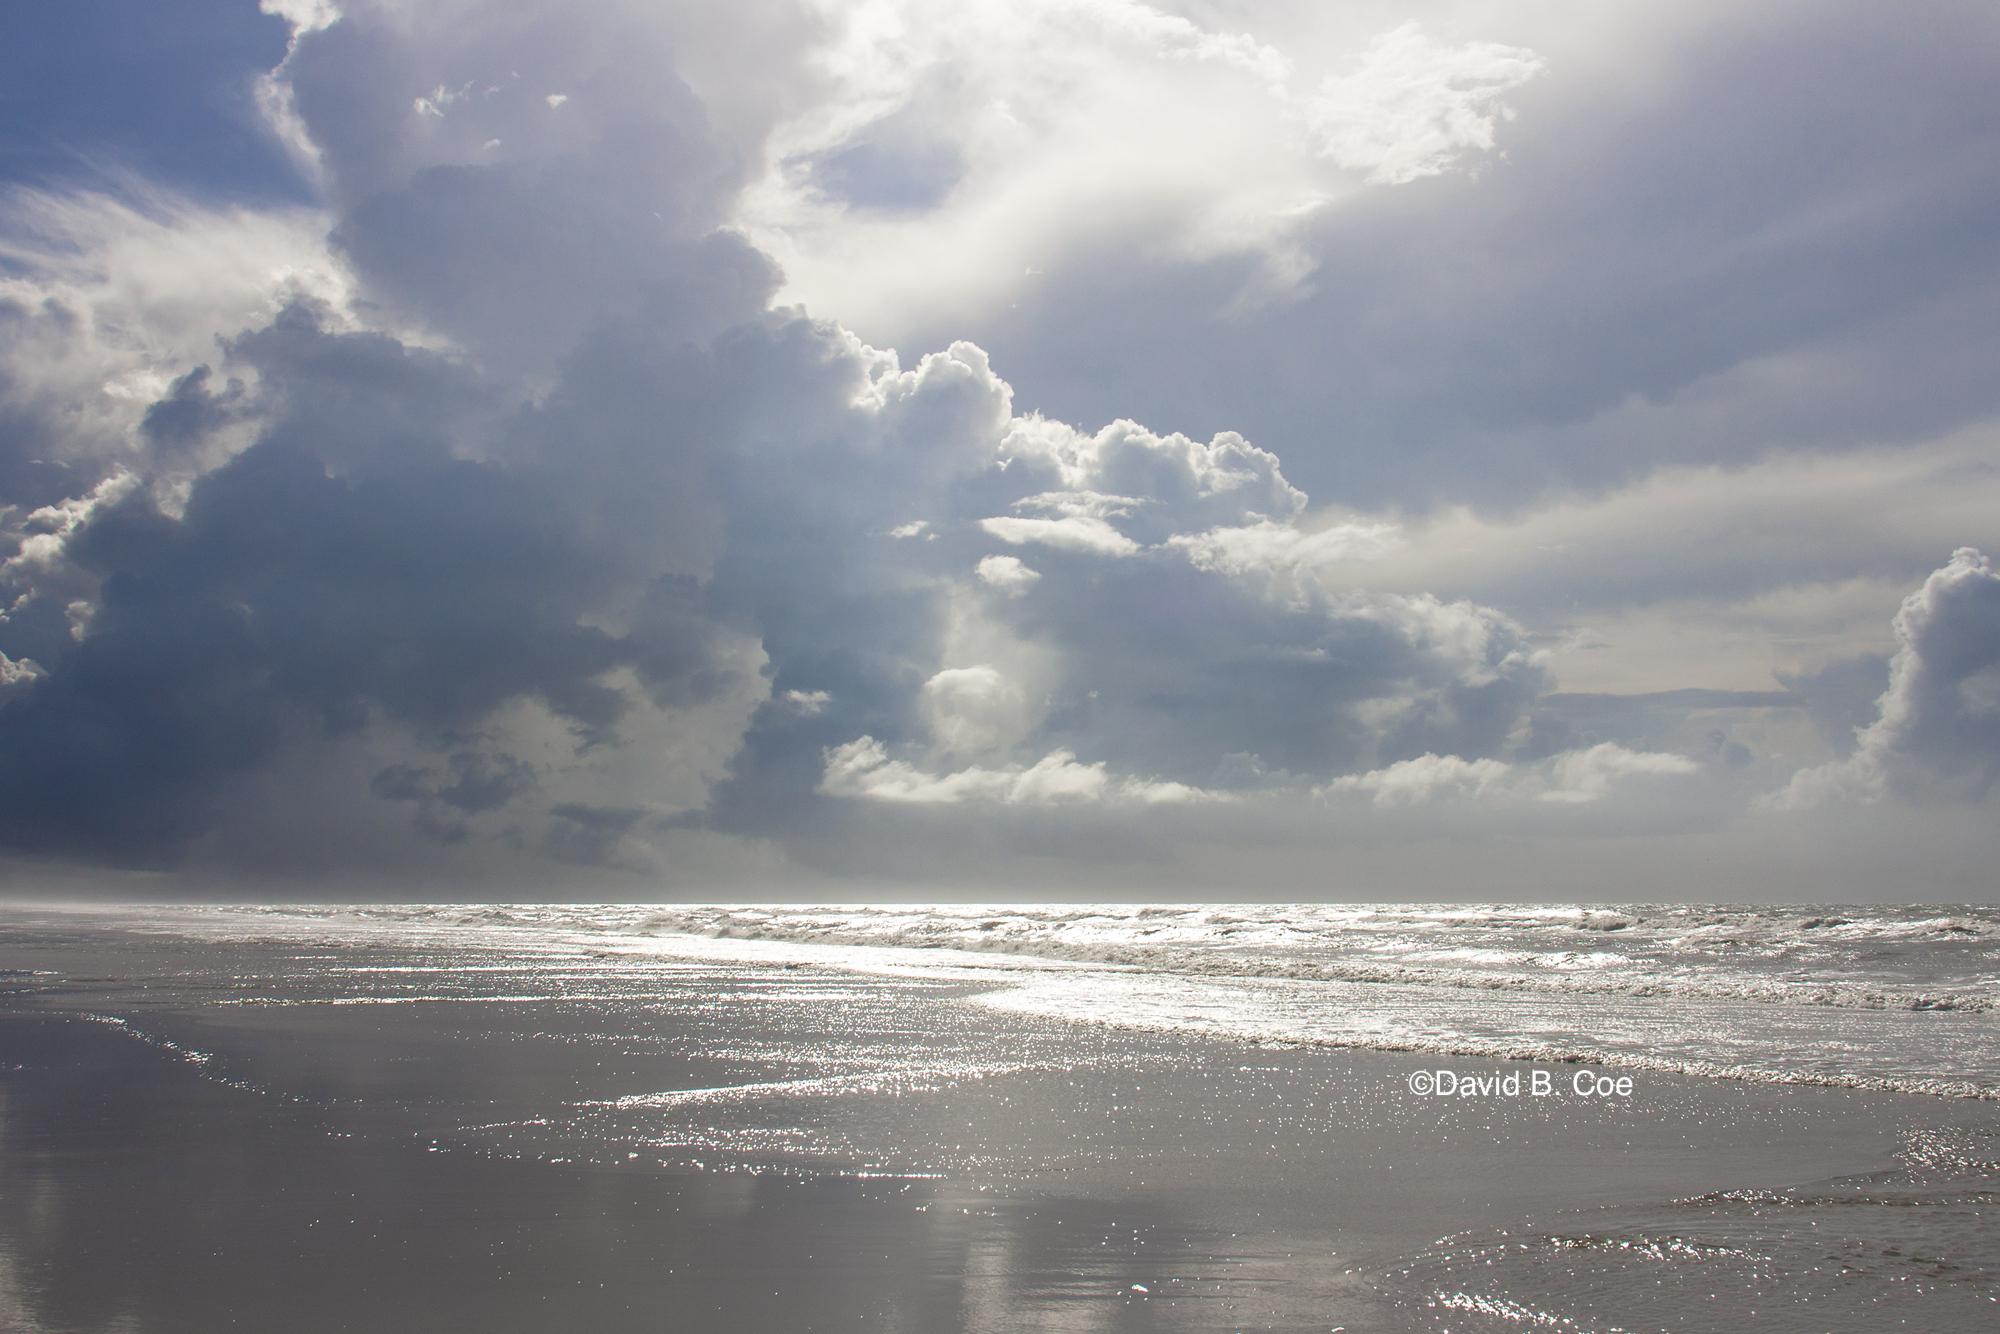 Coast Storm I, North Carolina, by David B. Coe